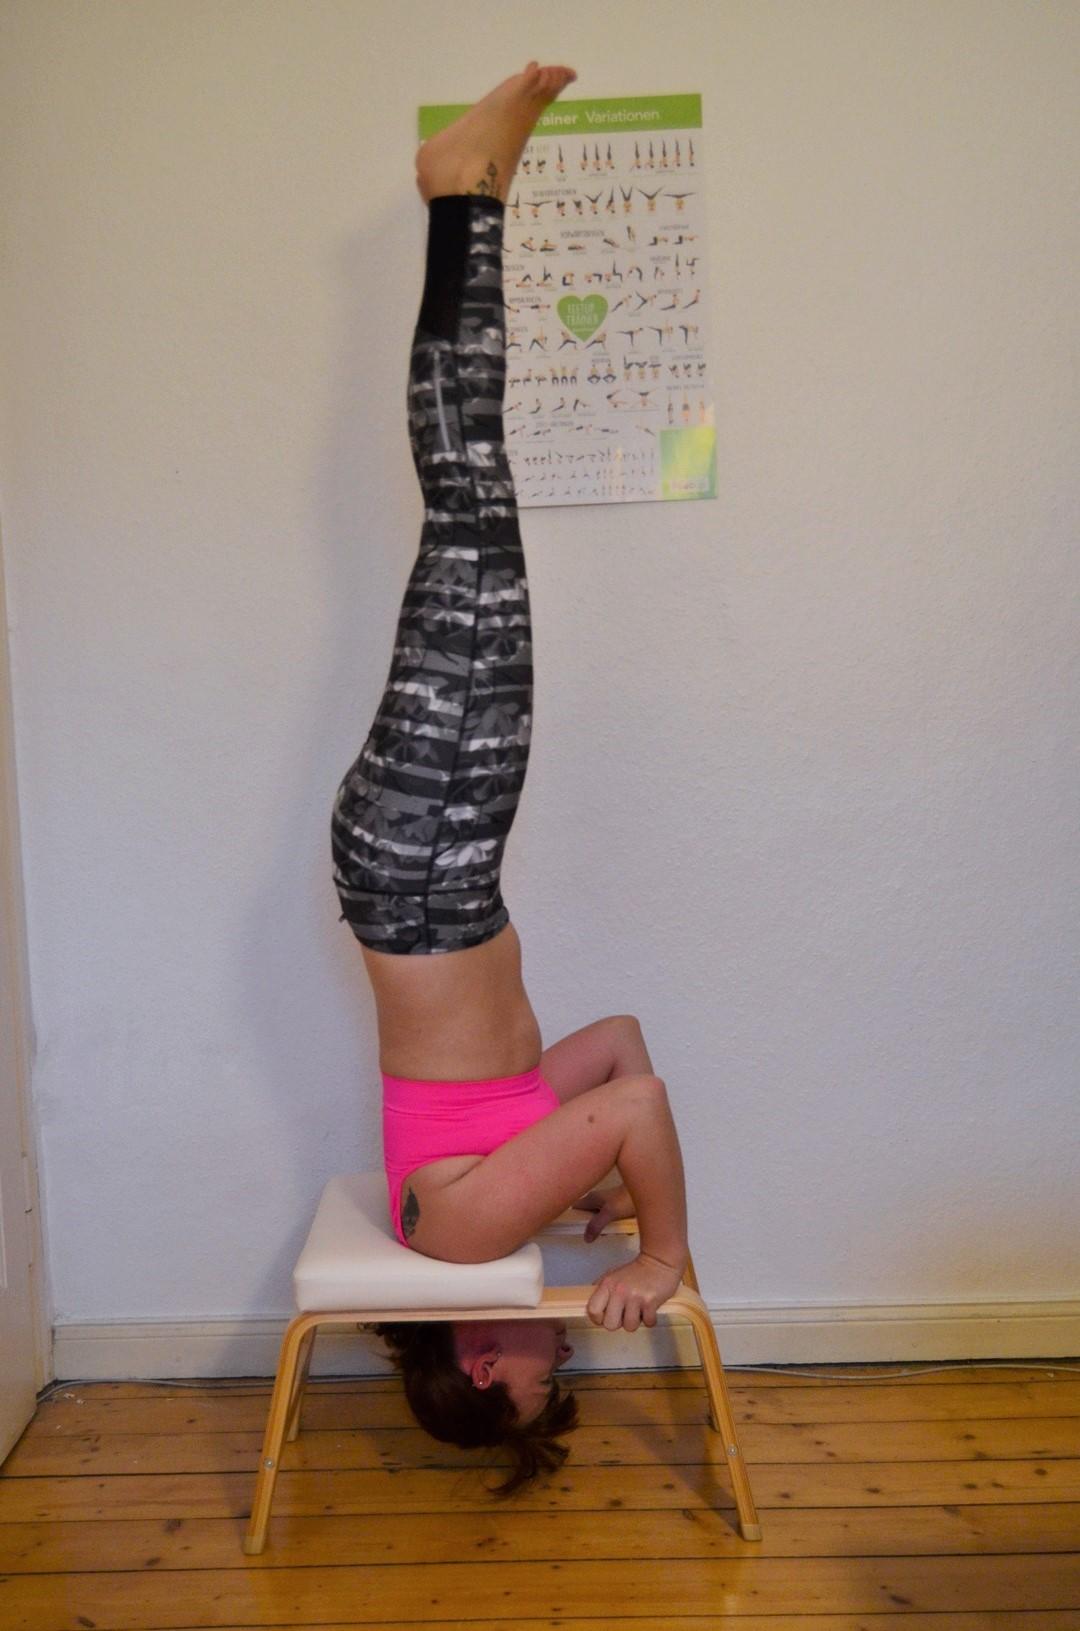 Feetup_Feetuptrainer_Kopfstand_Handstand_Schulterstand_Home Workout_Workout_Fitness_Körperbewusst_Annanikabu_2